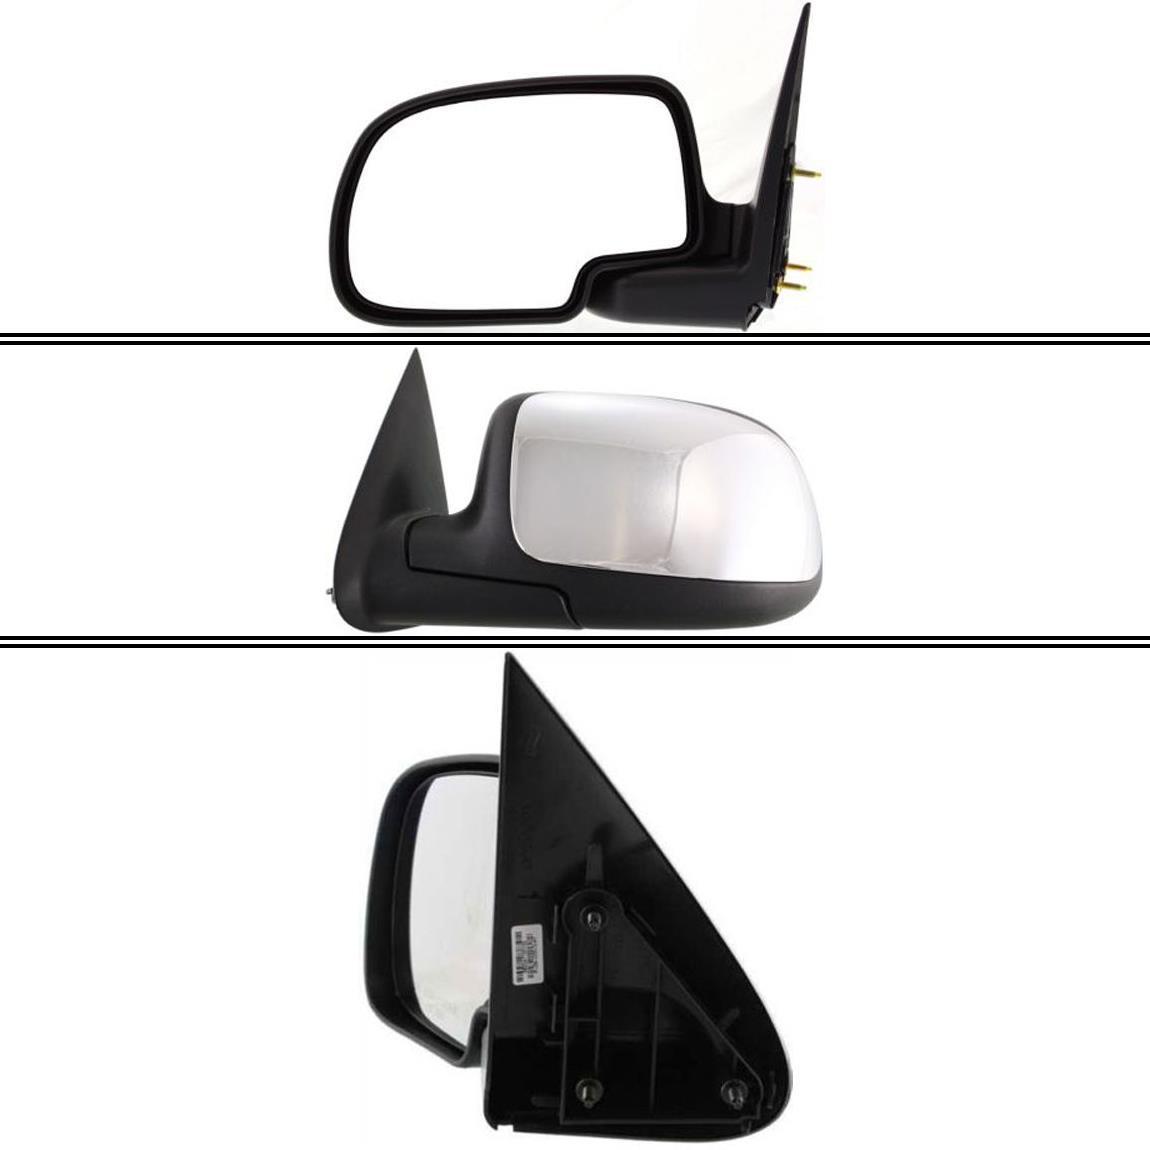 ミラー New GM1320208 Driver Side Mirror for GMC Sierra 1500 1999-2006 GMC Sierra 1500 1999-2006用の新しいGM1320208ドライバサイドミラー